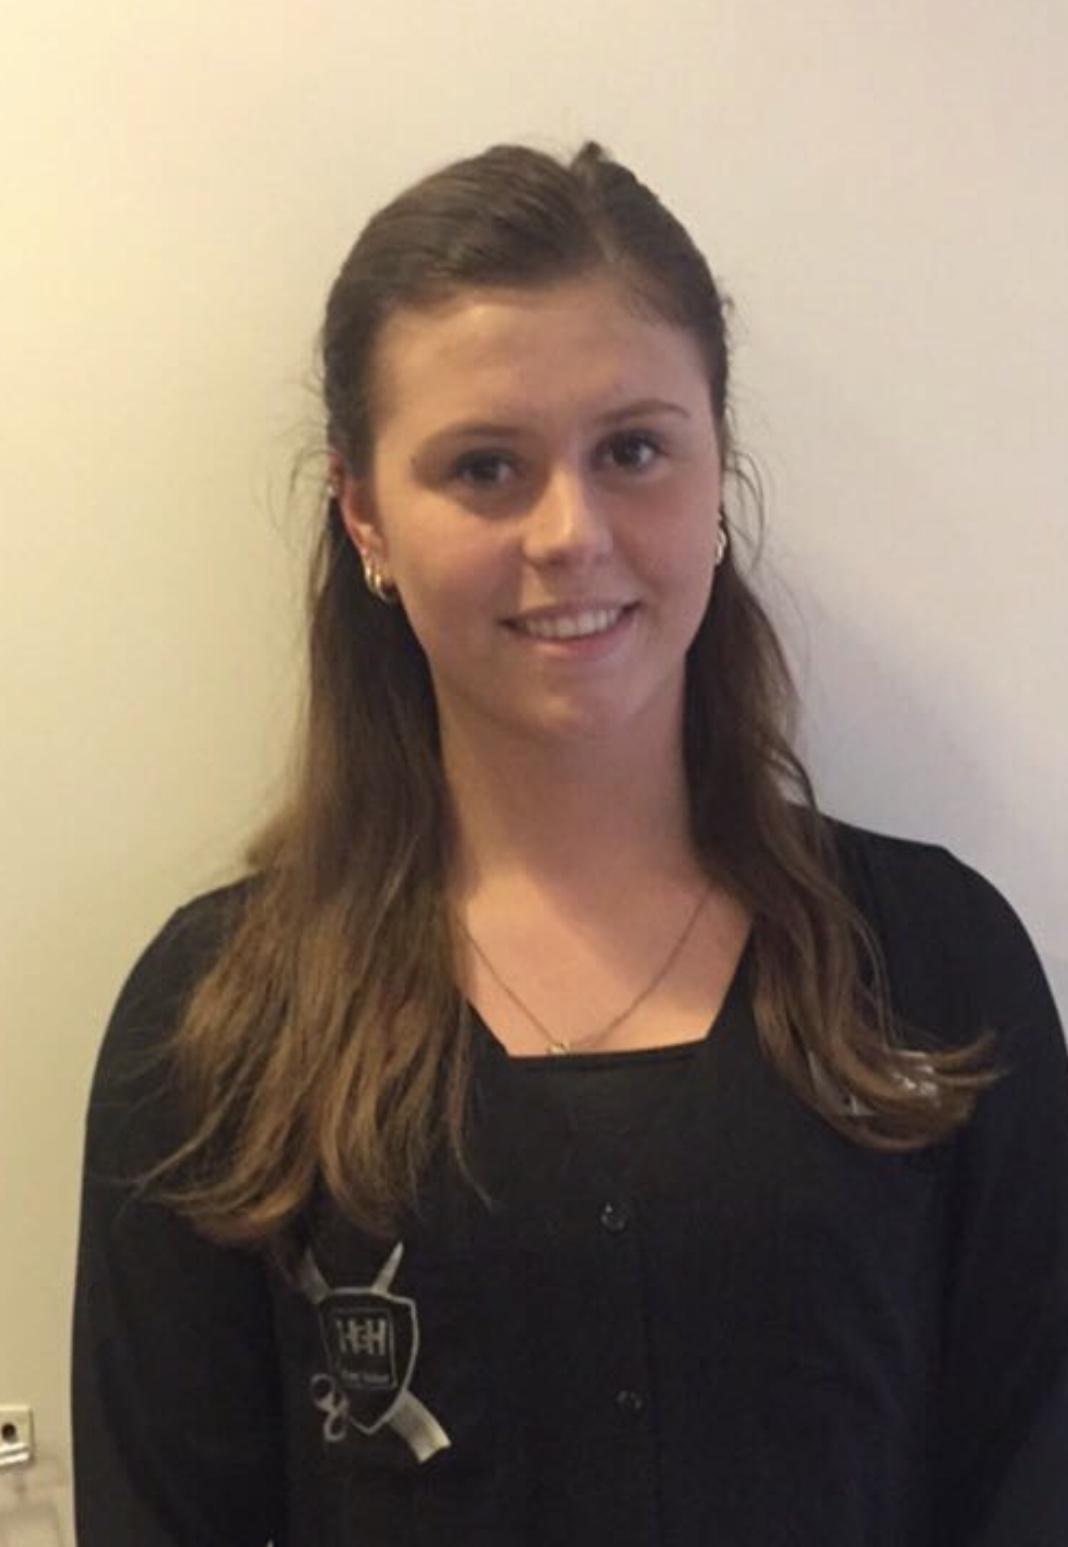 Jessica - Kapper bij Haarverzorging Den Dolder Den Dolder